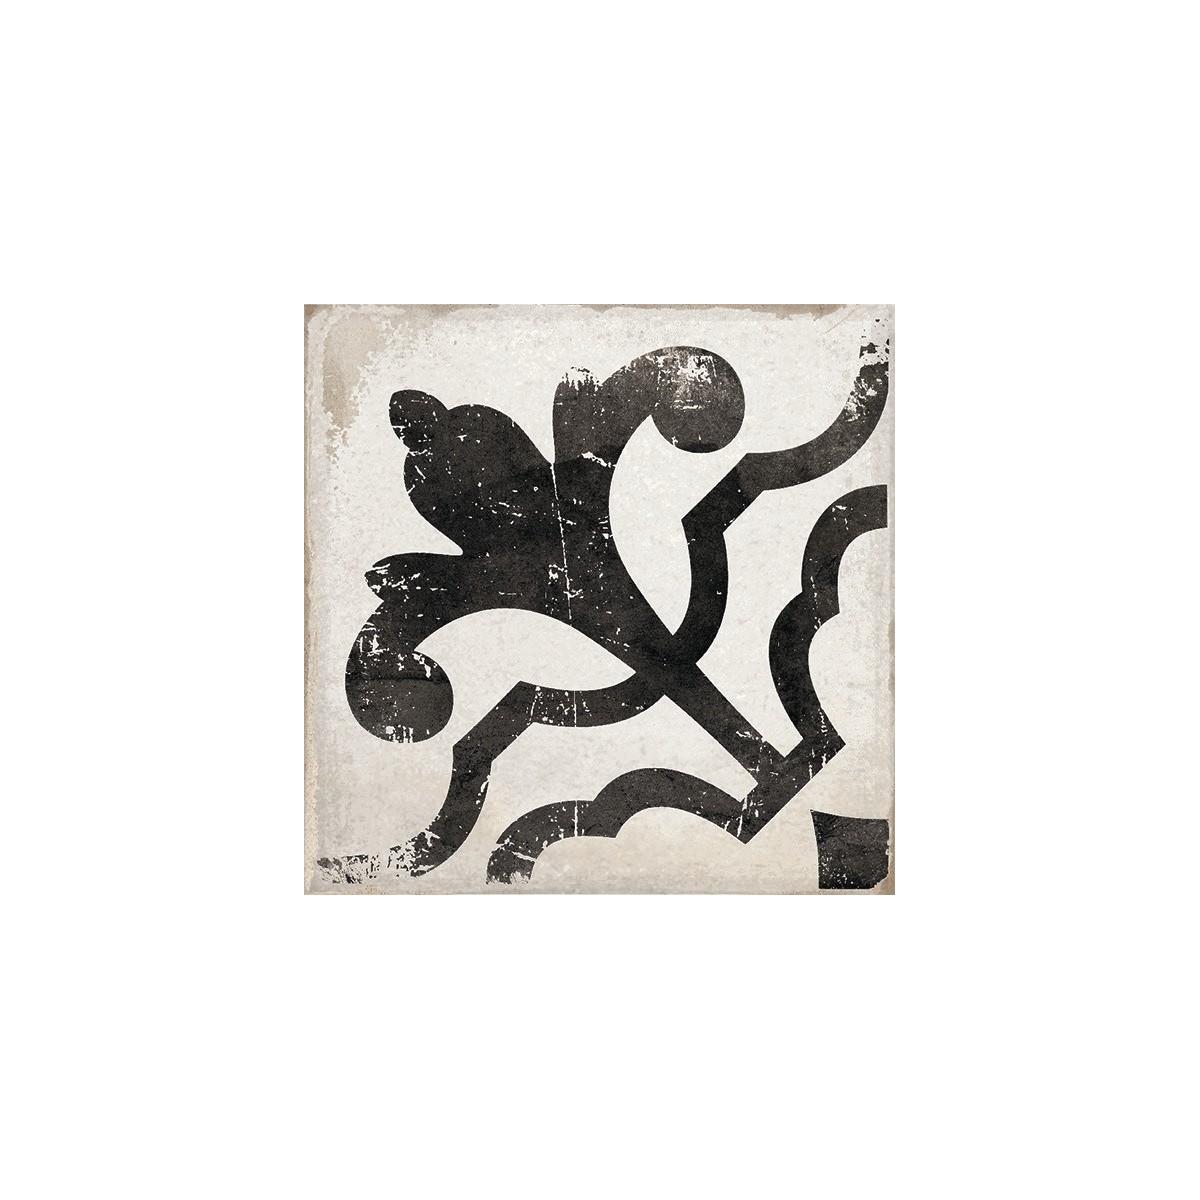 Baldosa porcelánica imitación hidraúlico Olvera Black 15x15 barata